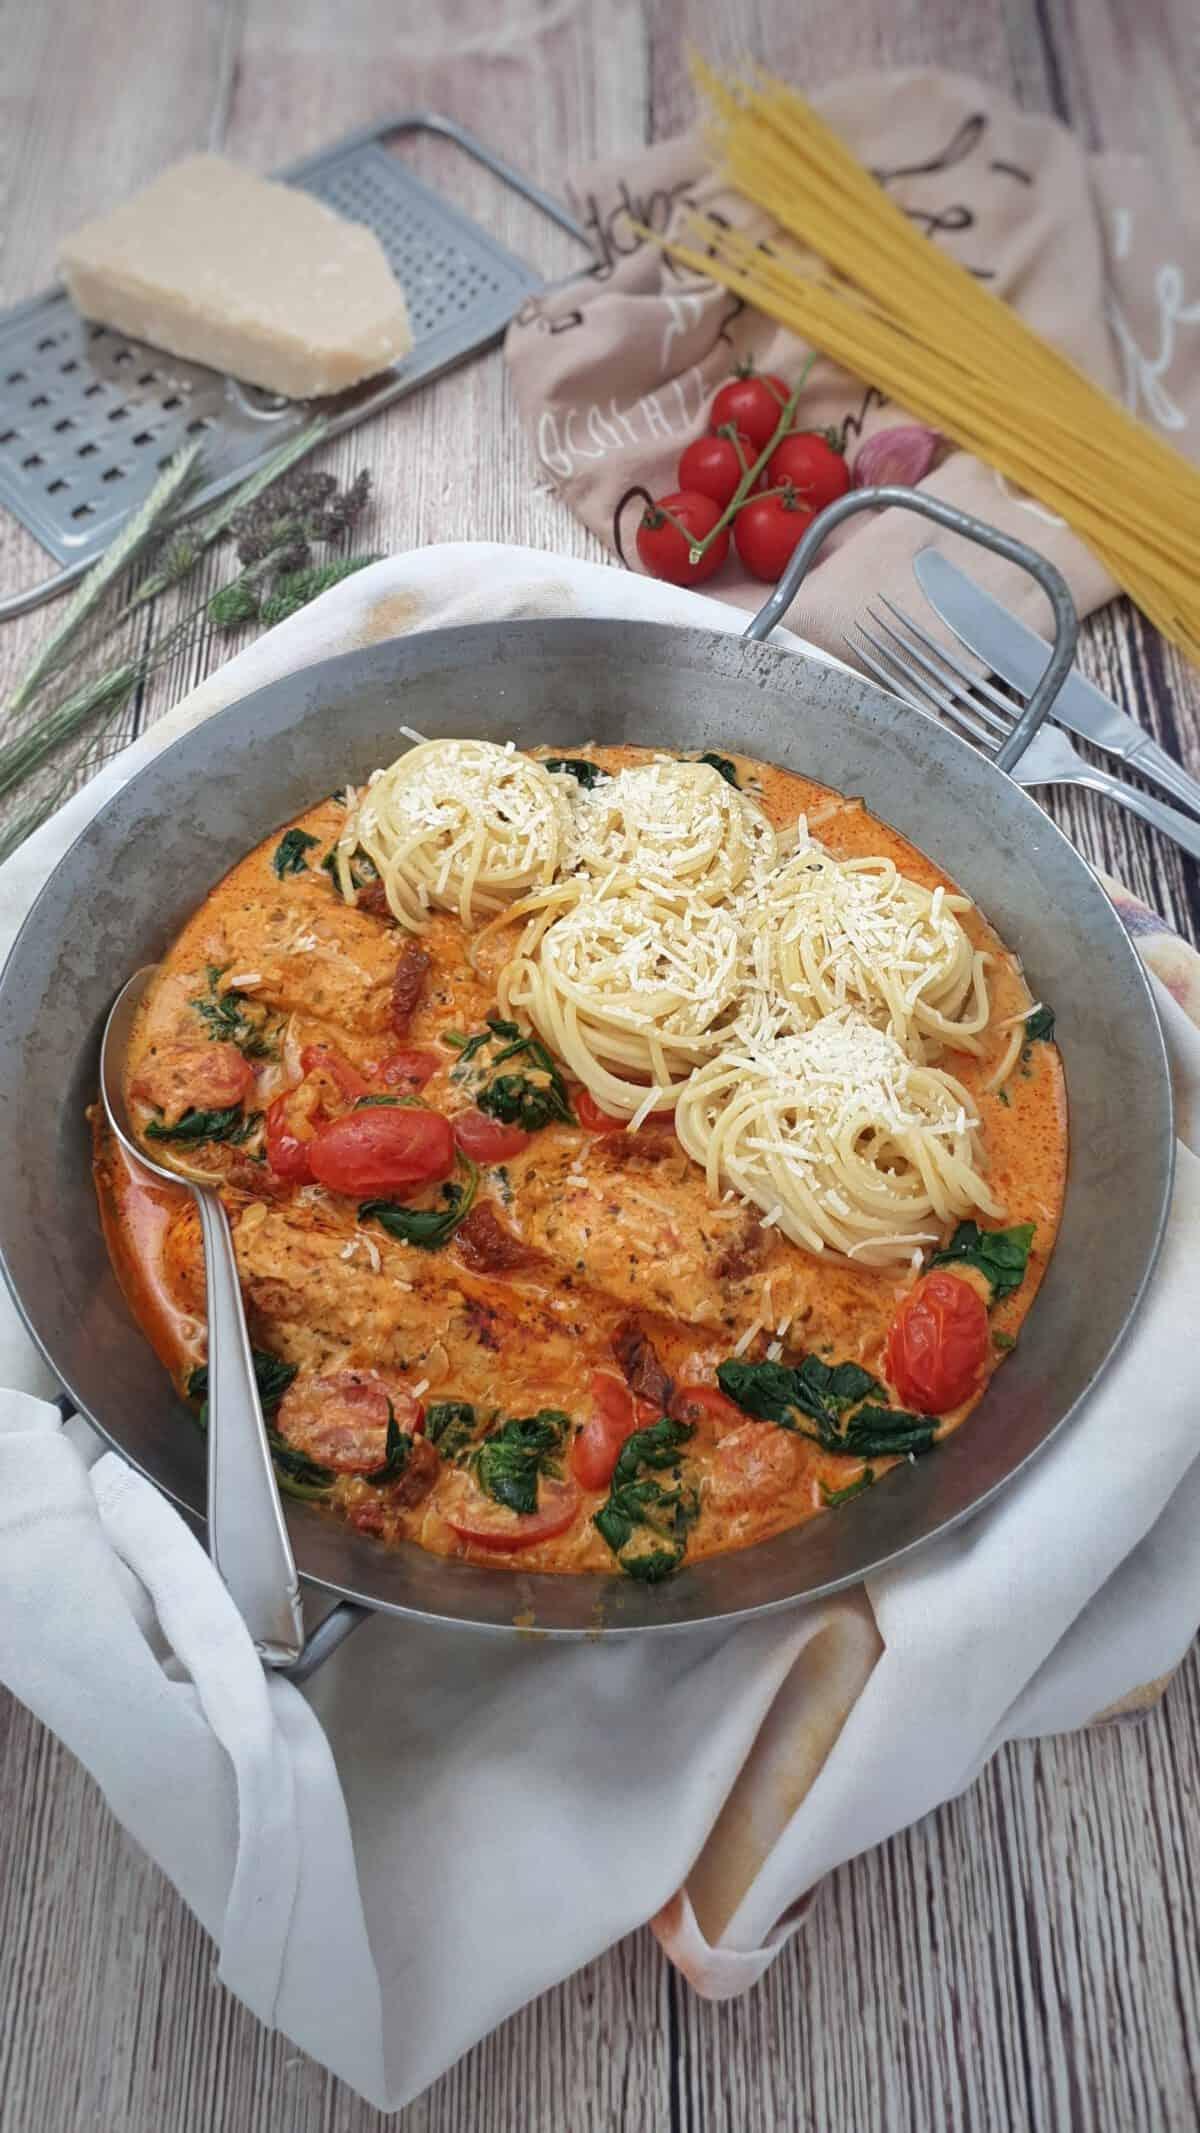 In einer eisernen Pfanne Hähnchenfilet in Parmesan-Frischkäse-Soße mit Spaghetti Nestern.